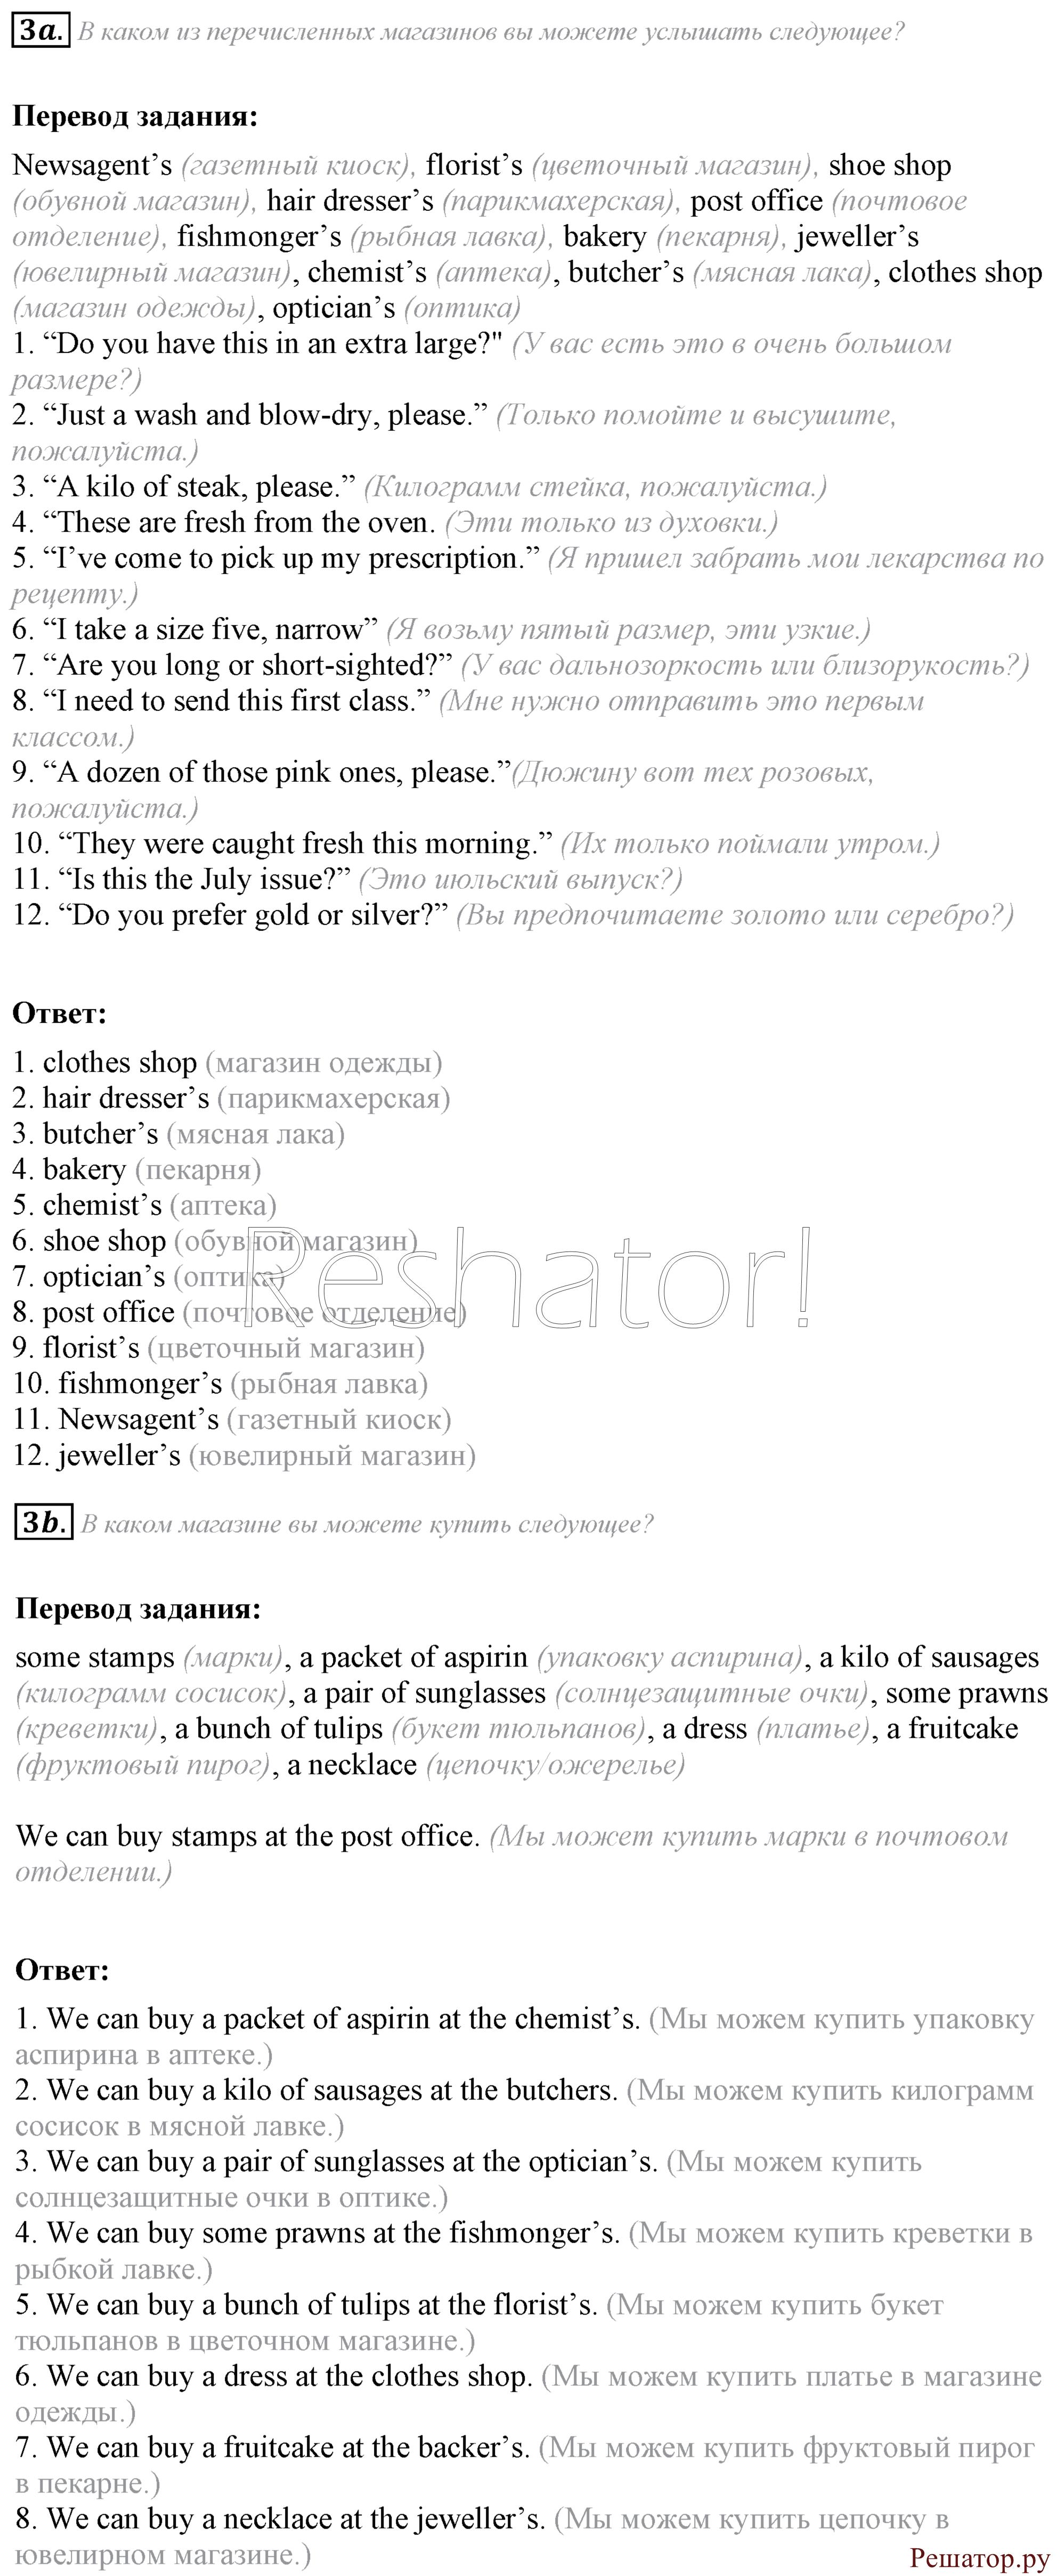 английский язык 8 класс стр 40